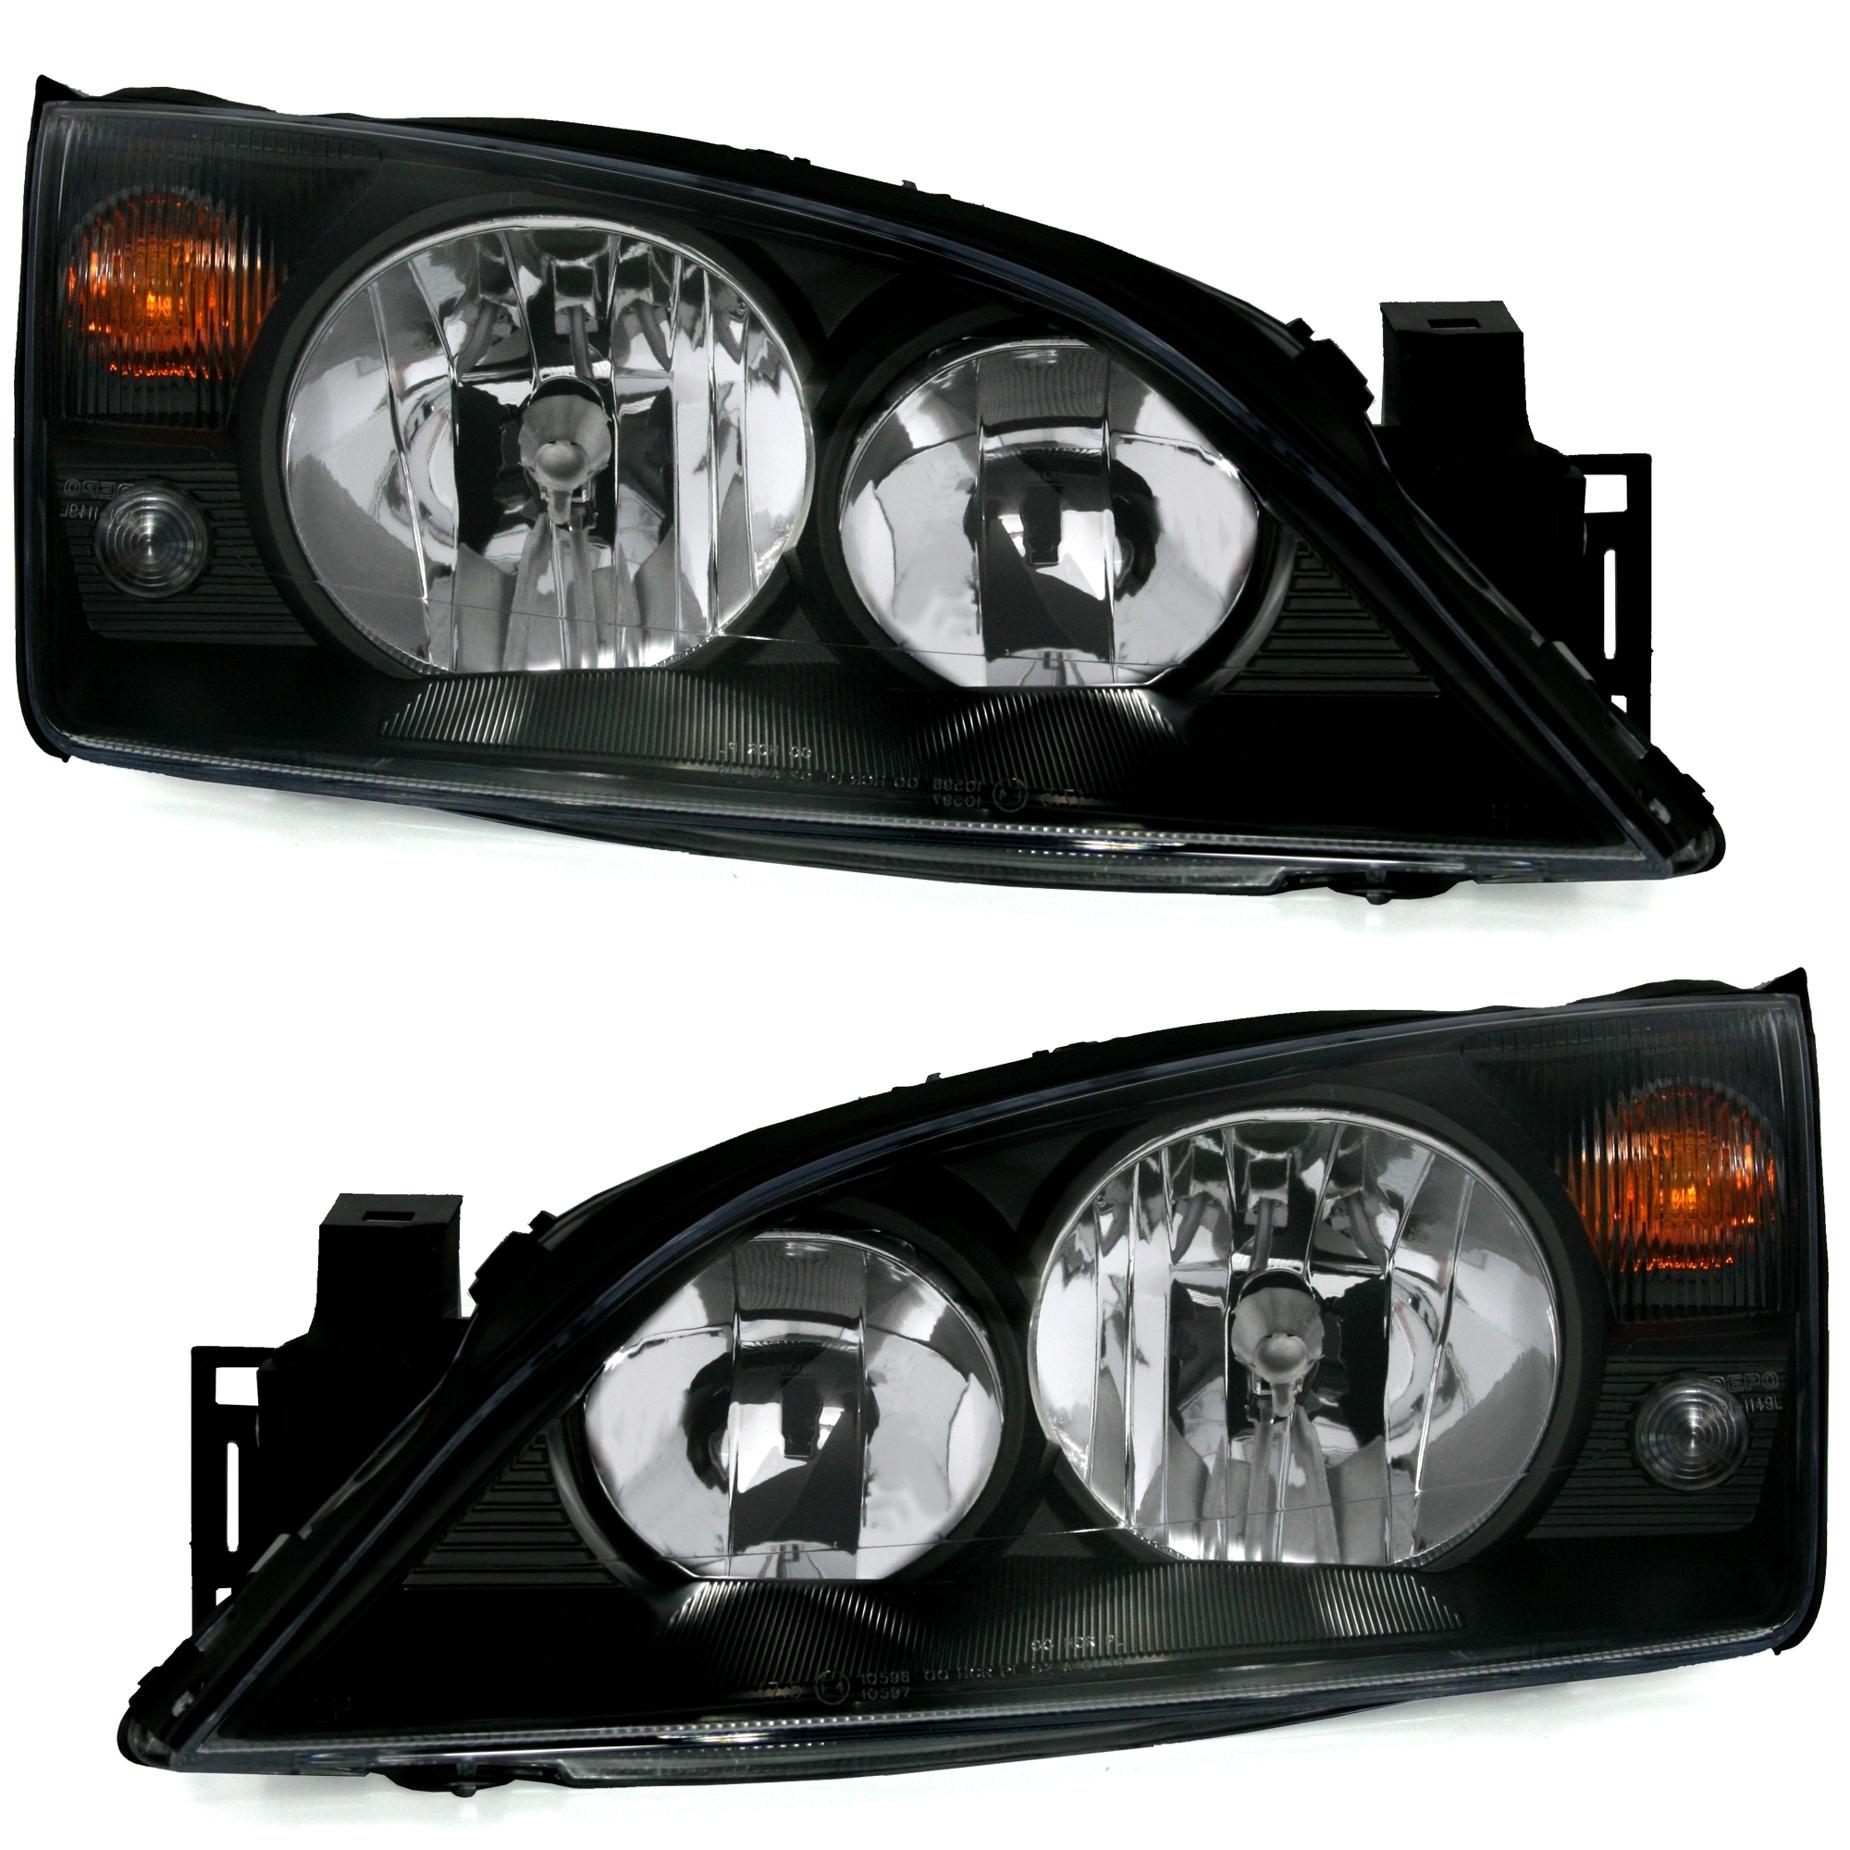 scheinwerfer set für ford mondeo mk3 in schwarz | ad-tuning